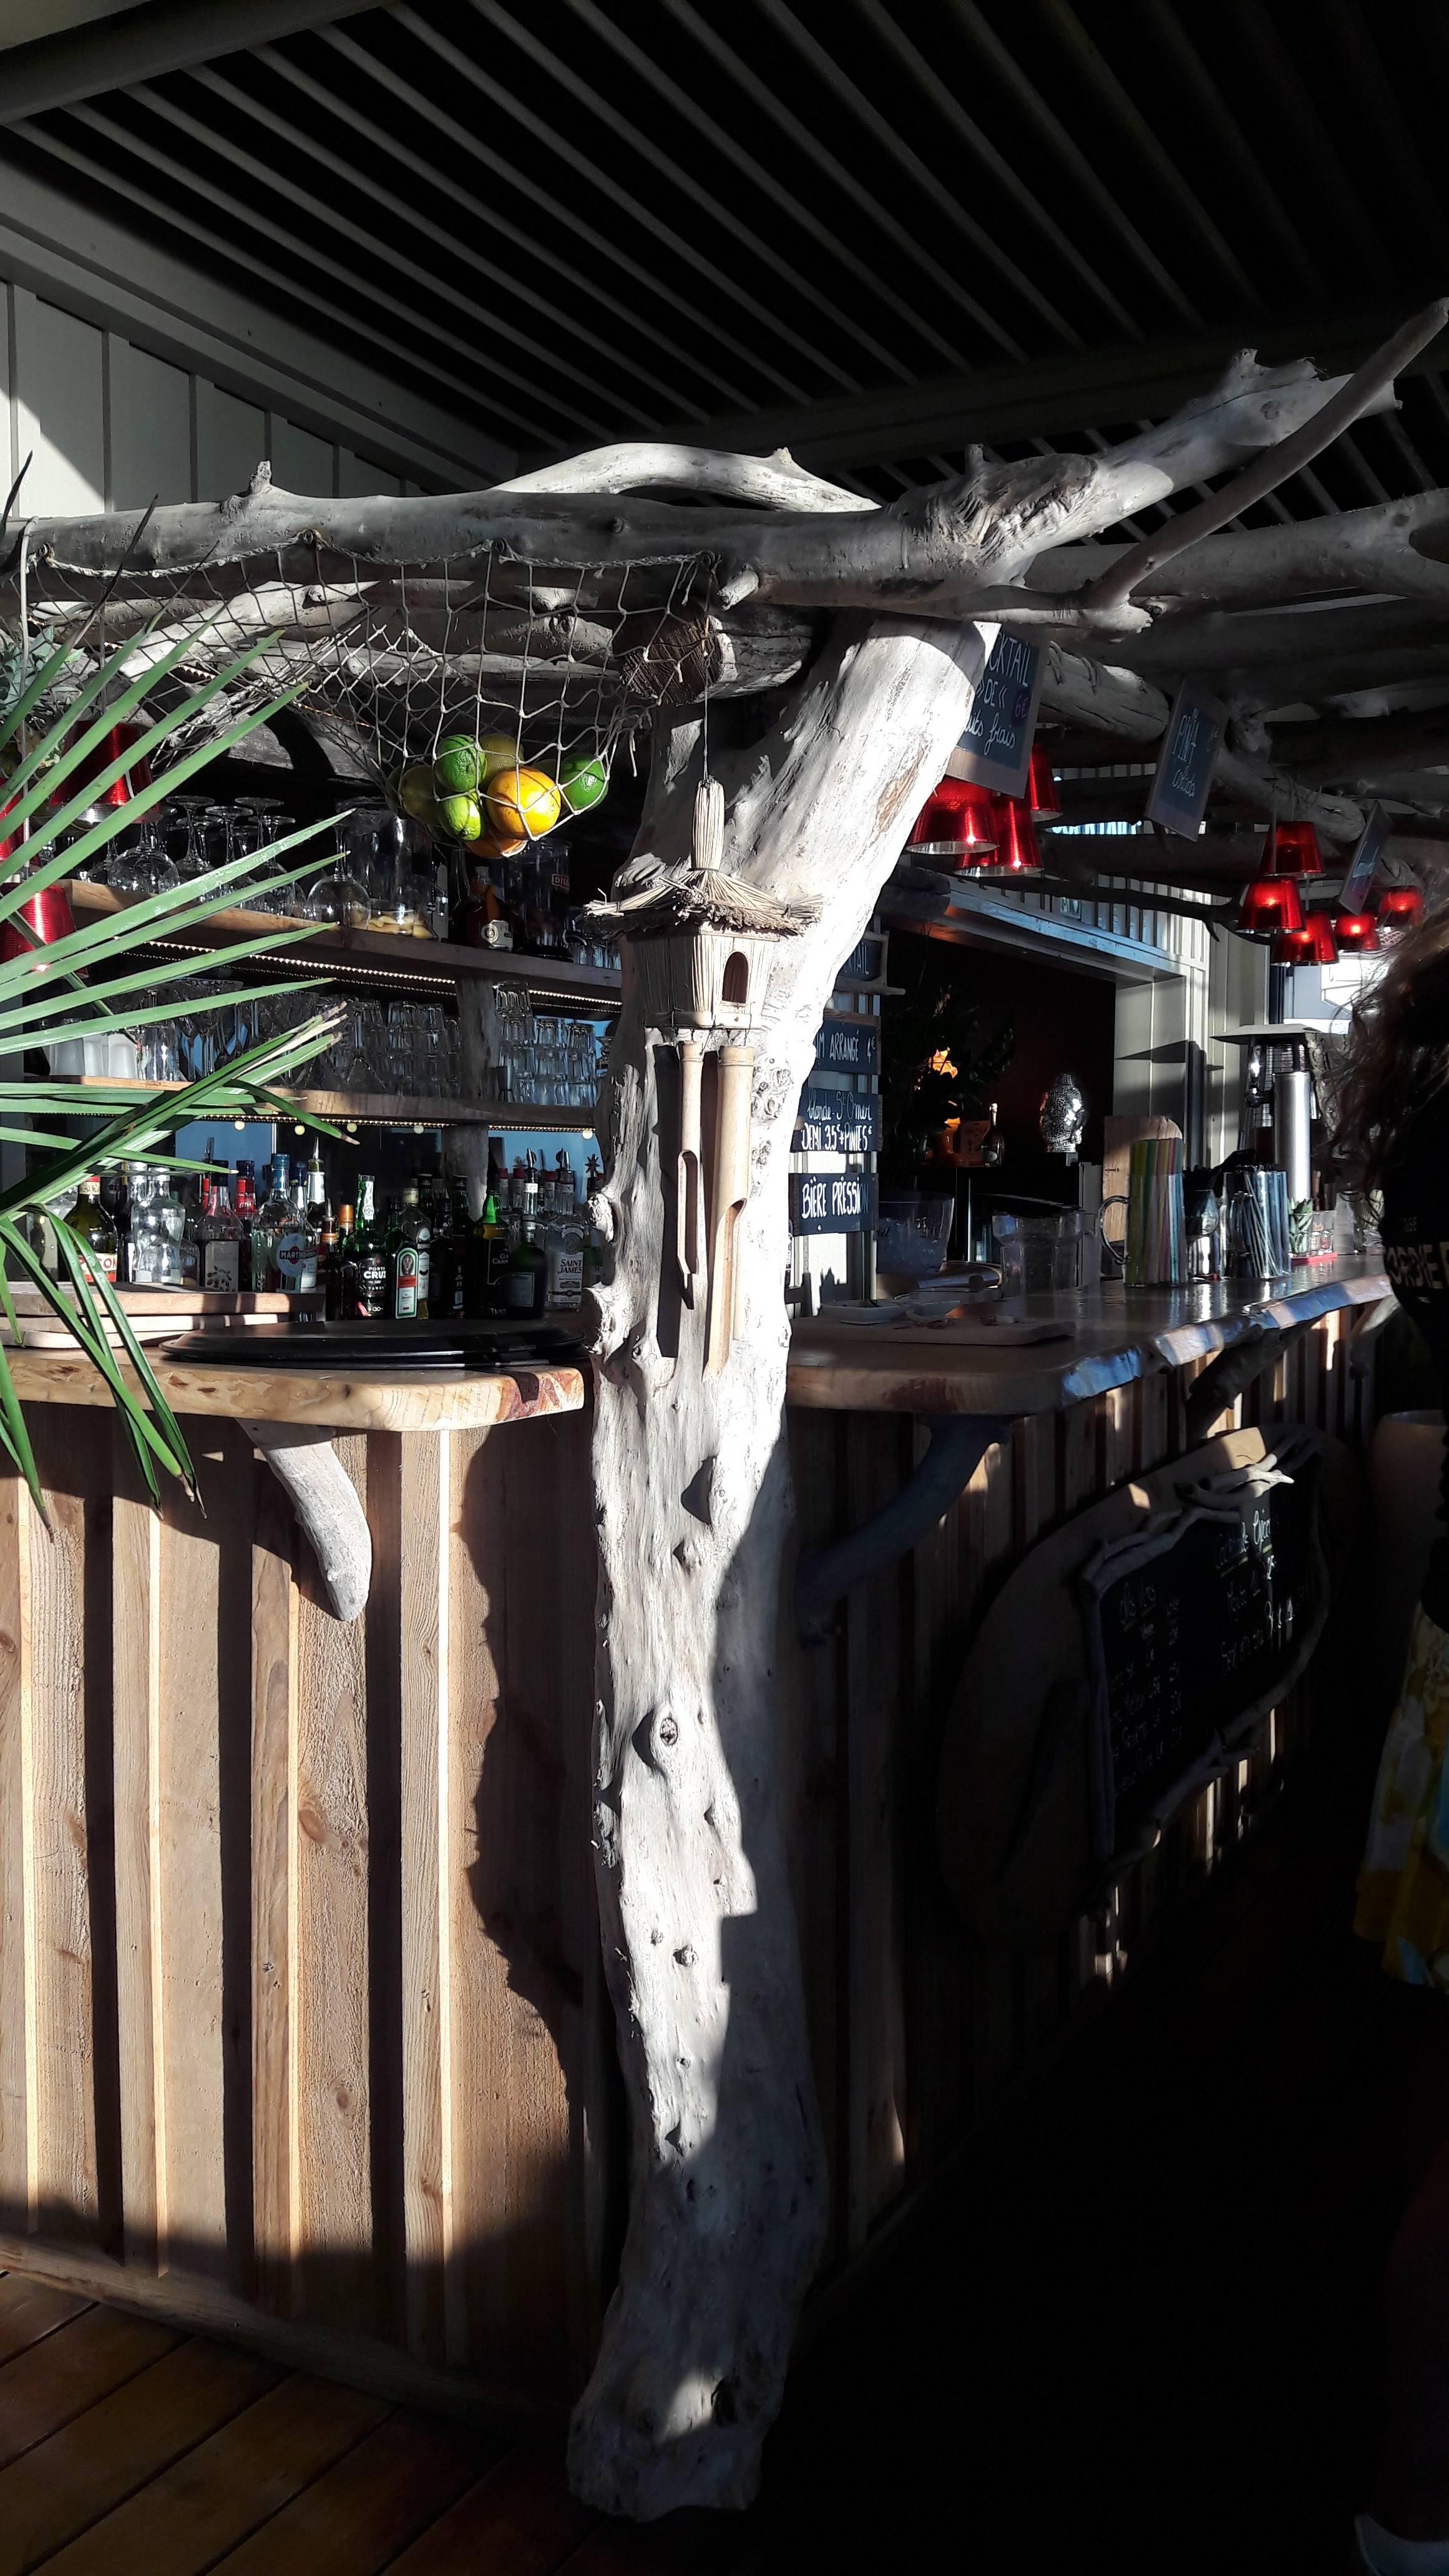 Photo 3: Un drink avec une vue de dingue